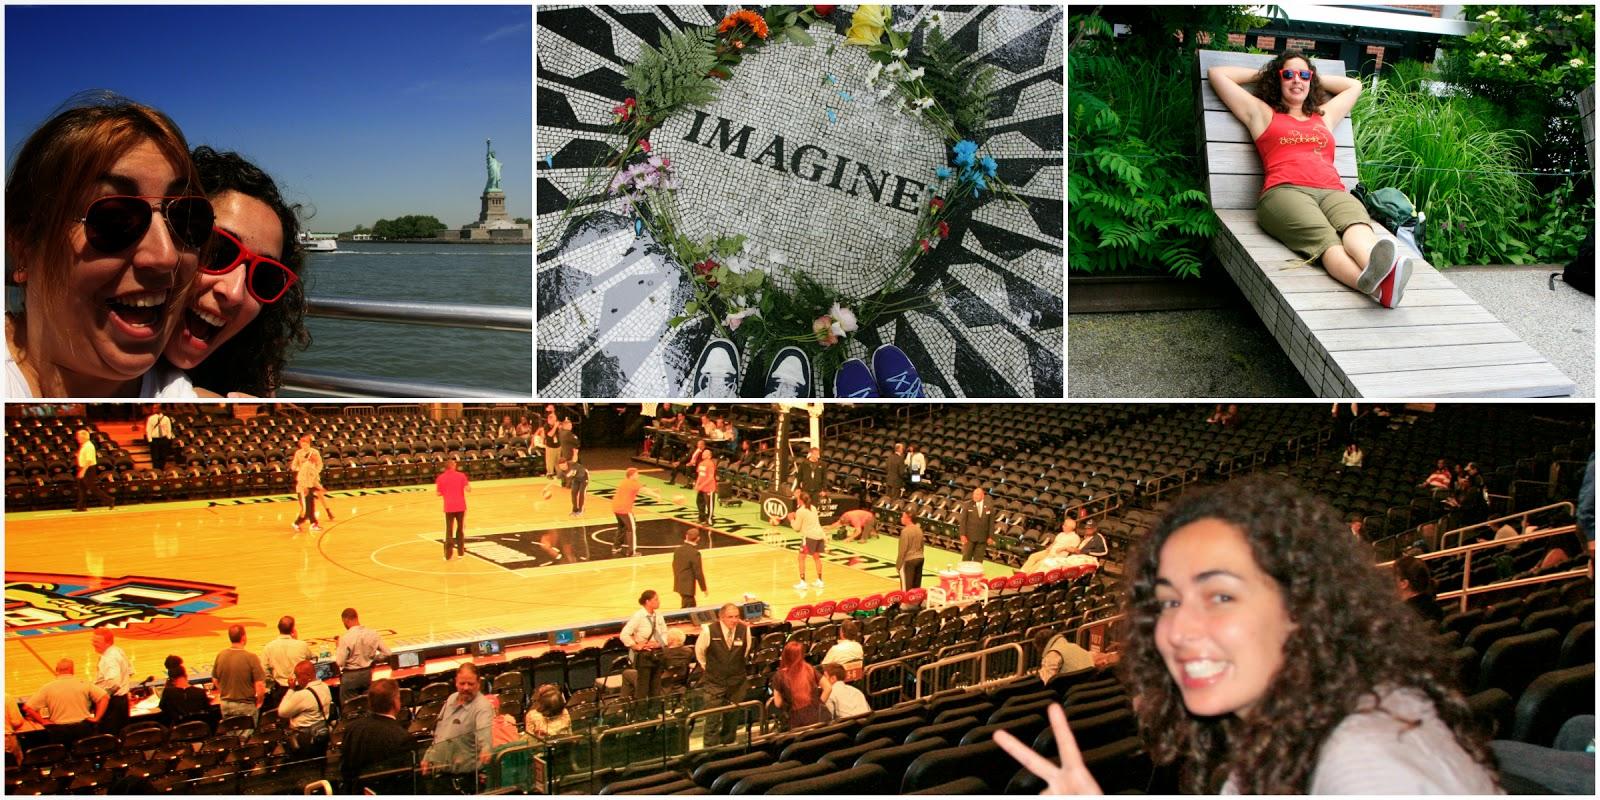 Què fer a Nova Tork? Creure pel Hudson per veure l'Estàtua de la Llibertat, visitar el tribut a John Lennon, passejar pel High Line Park, bàsquet al Madison Square Garden